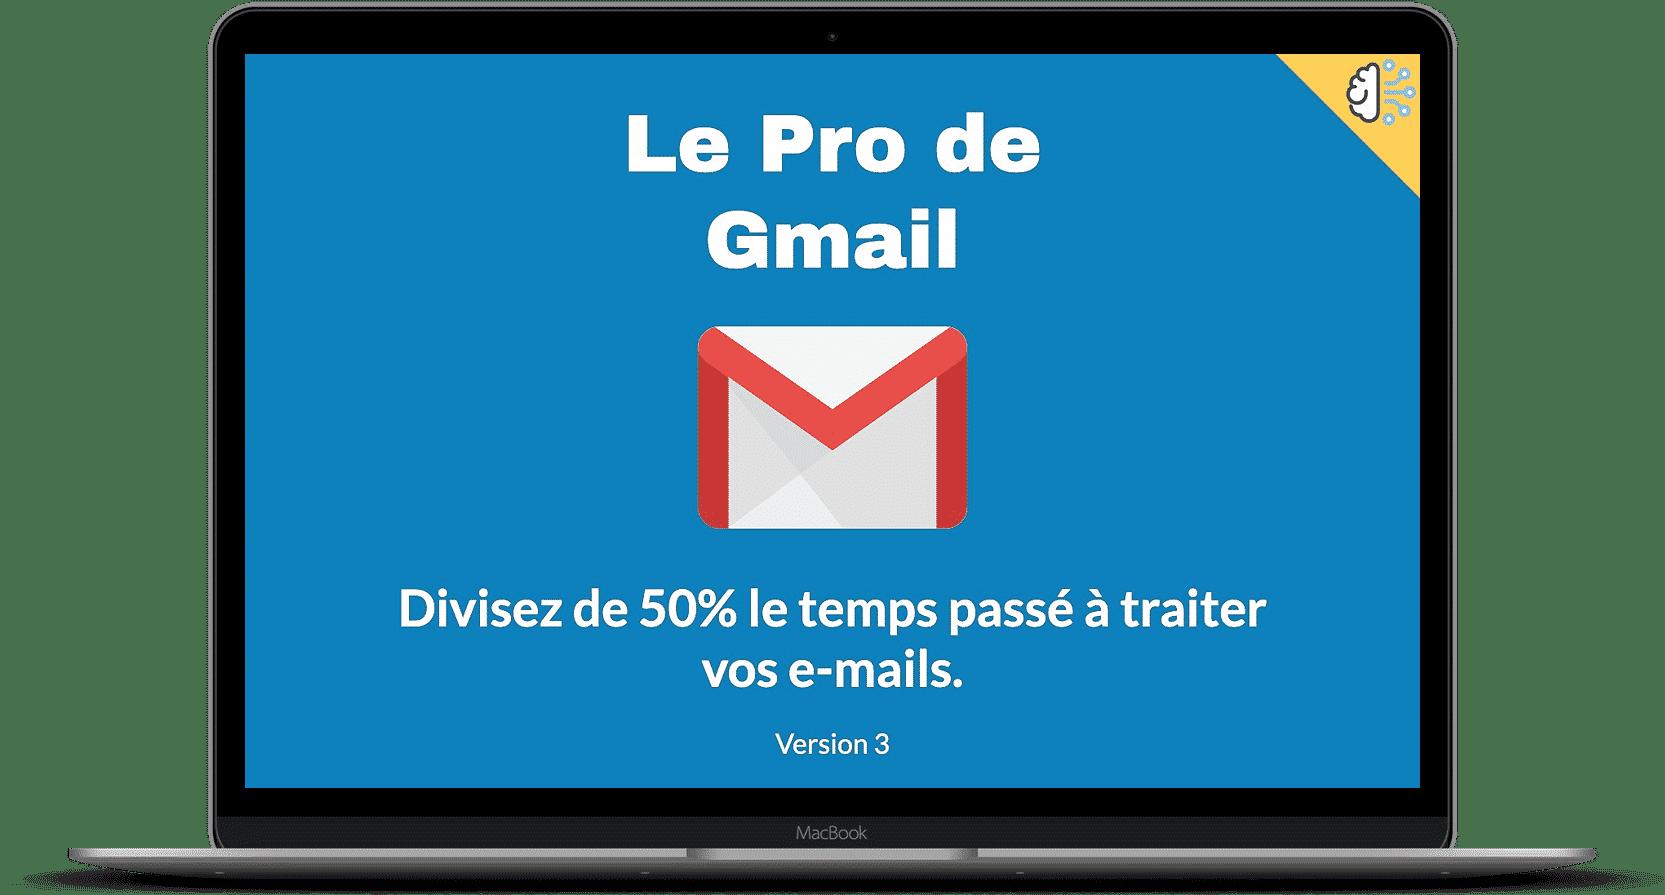 Le pro de gmail v3